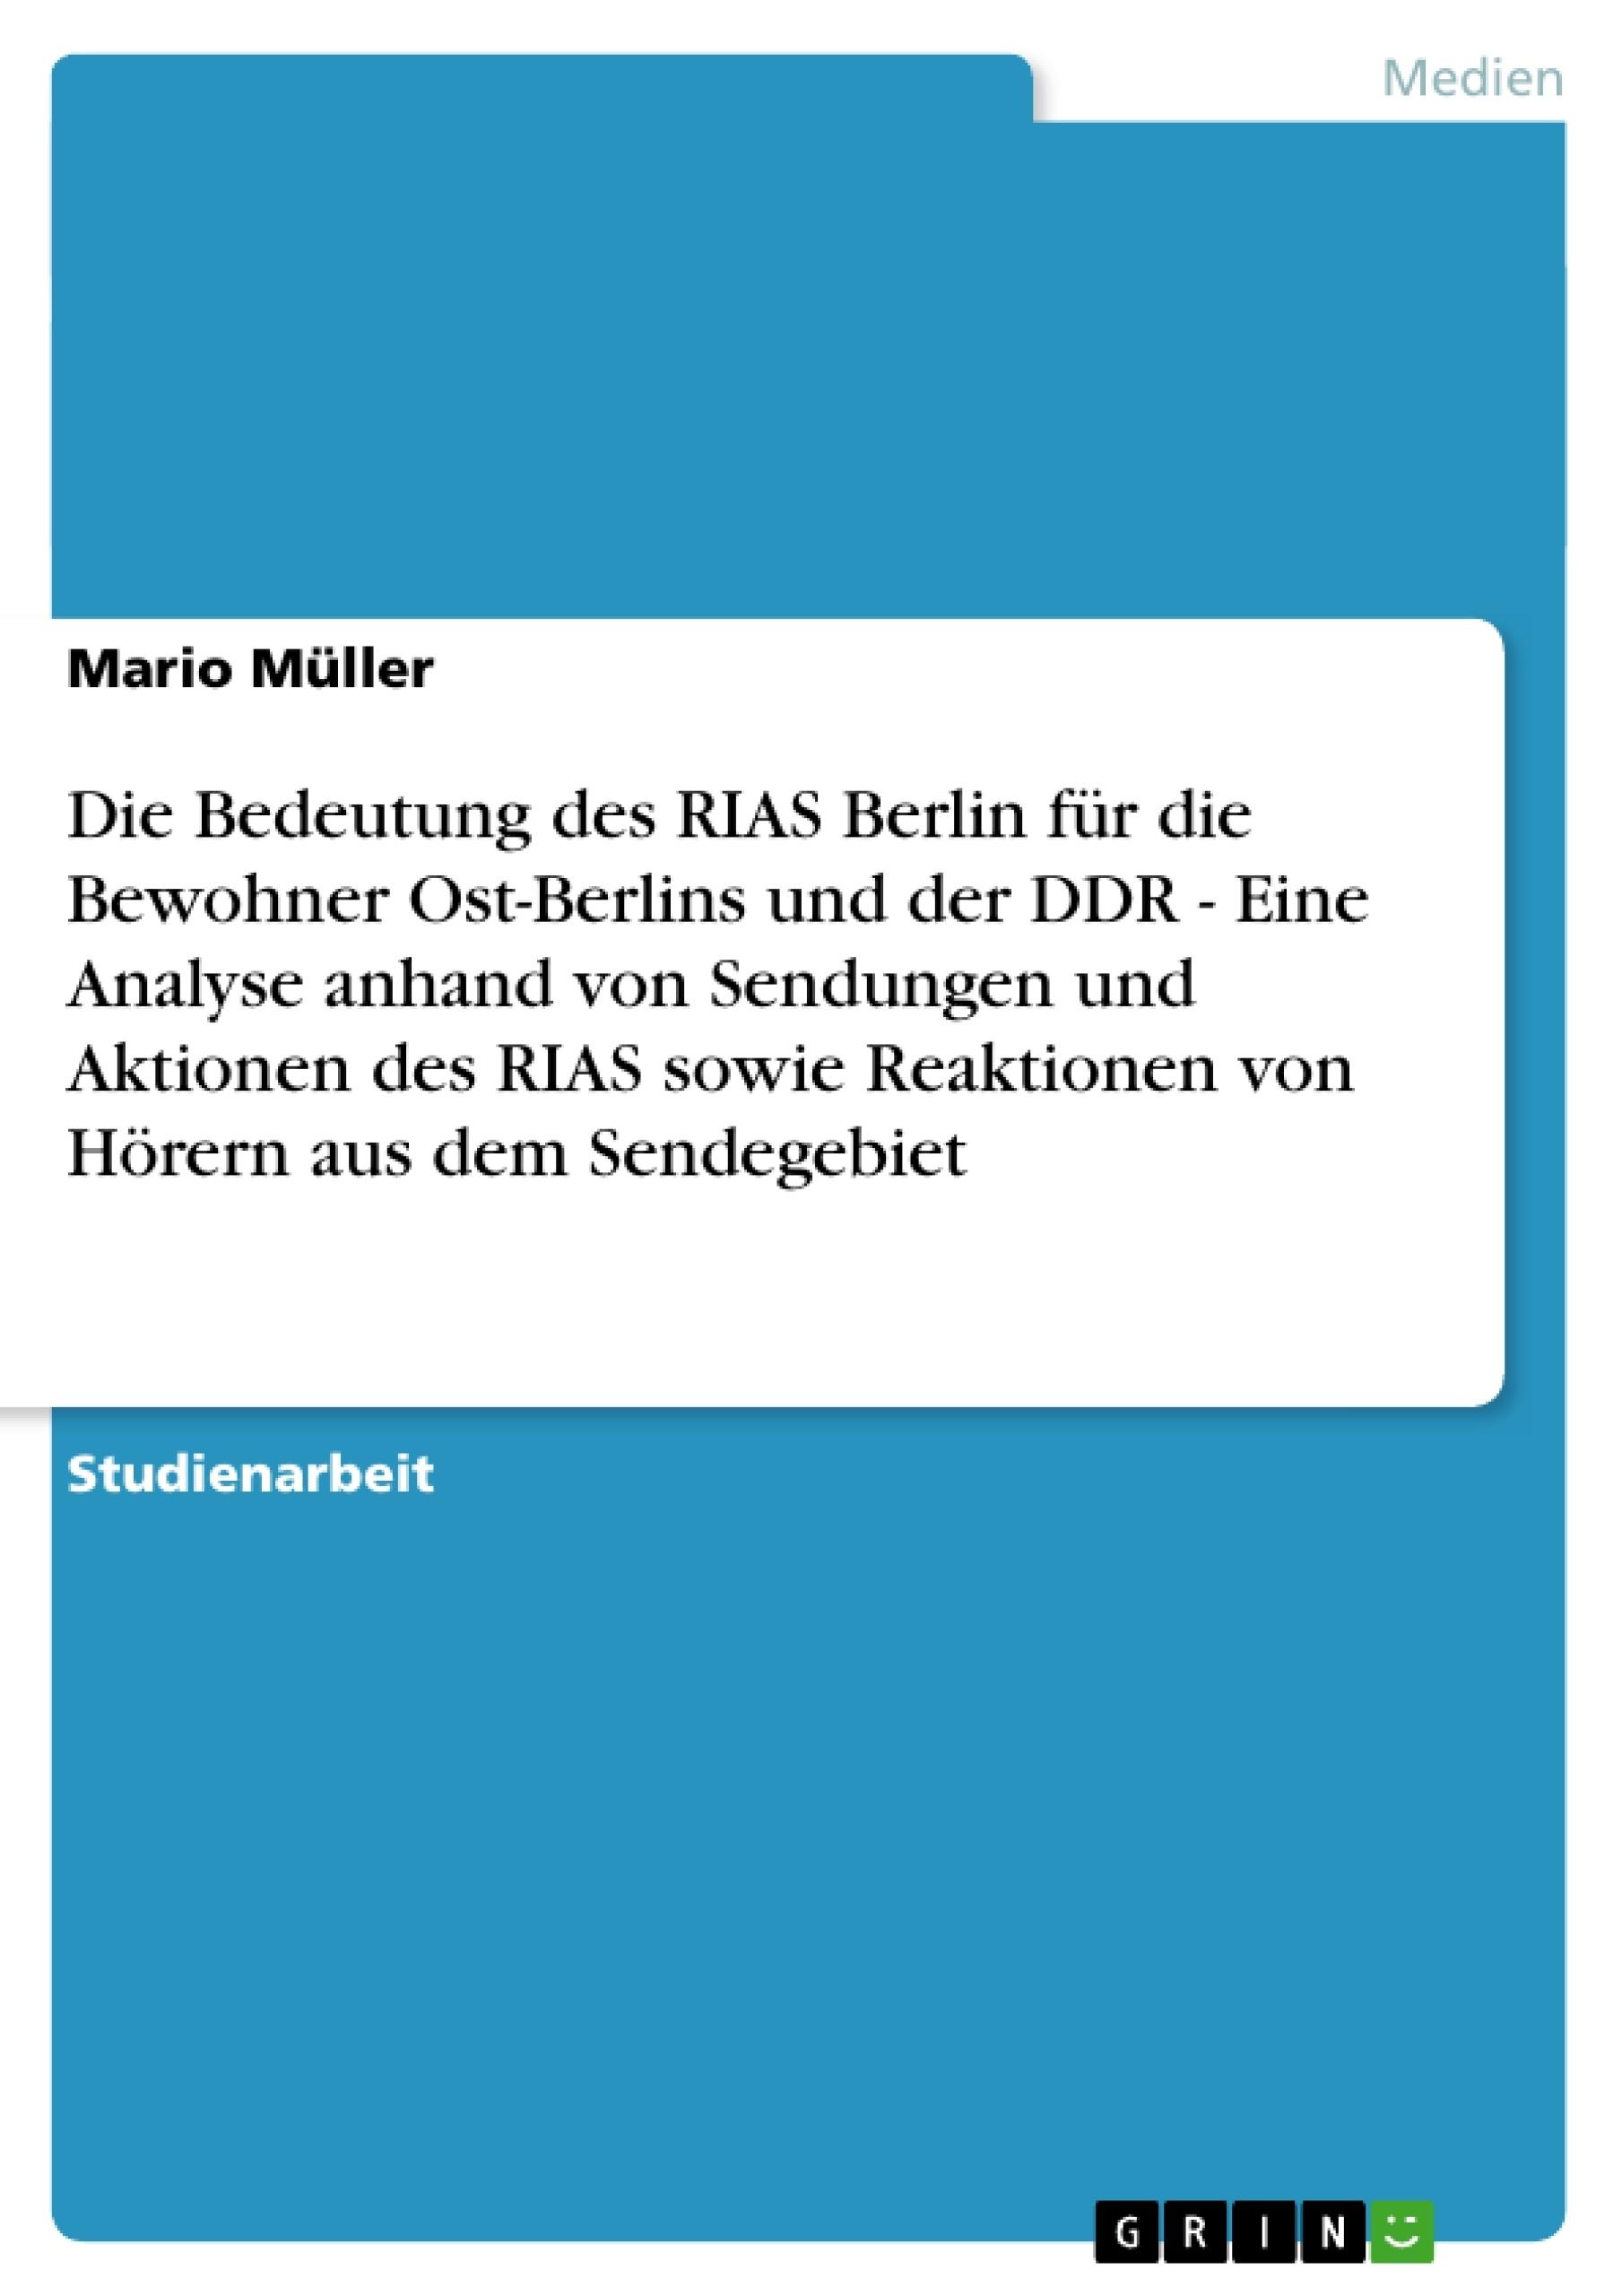 Titel: Die Bedeutung des RIAS Berlin für die Bewohner Ost-Berlins und der DDR - Eine Analyse anhand von Sendungen und Aktionen des RIAS sowie Reaktionen von Hörern aus dem Sendegebiet